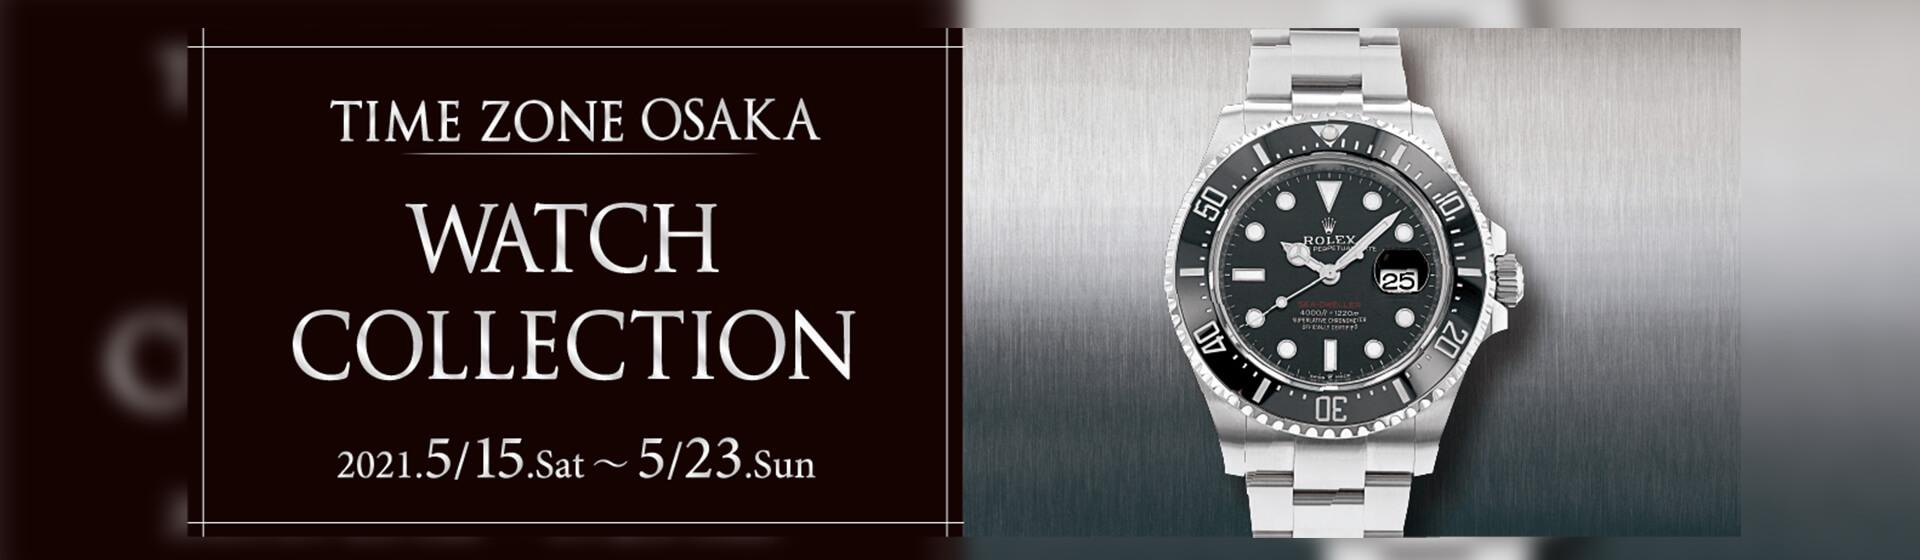 タイムゾーン 大阪にてWATCH COLLECTION開催!